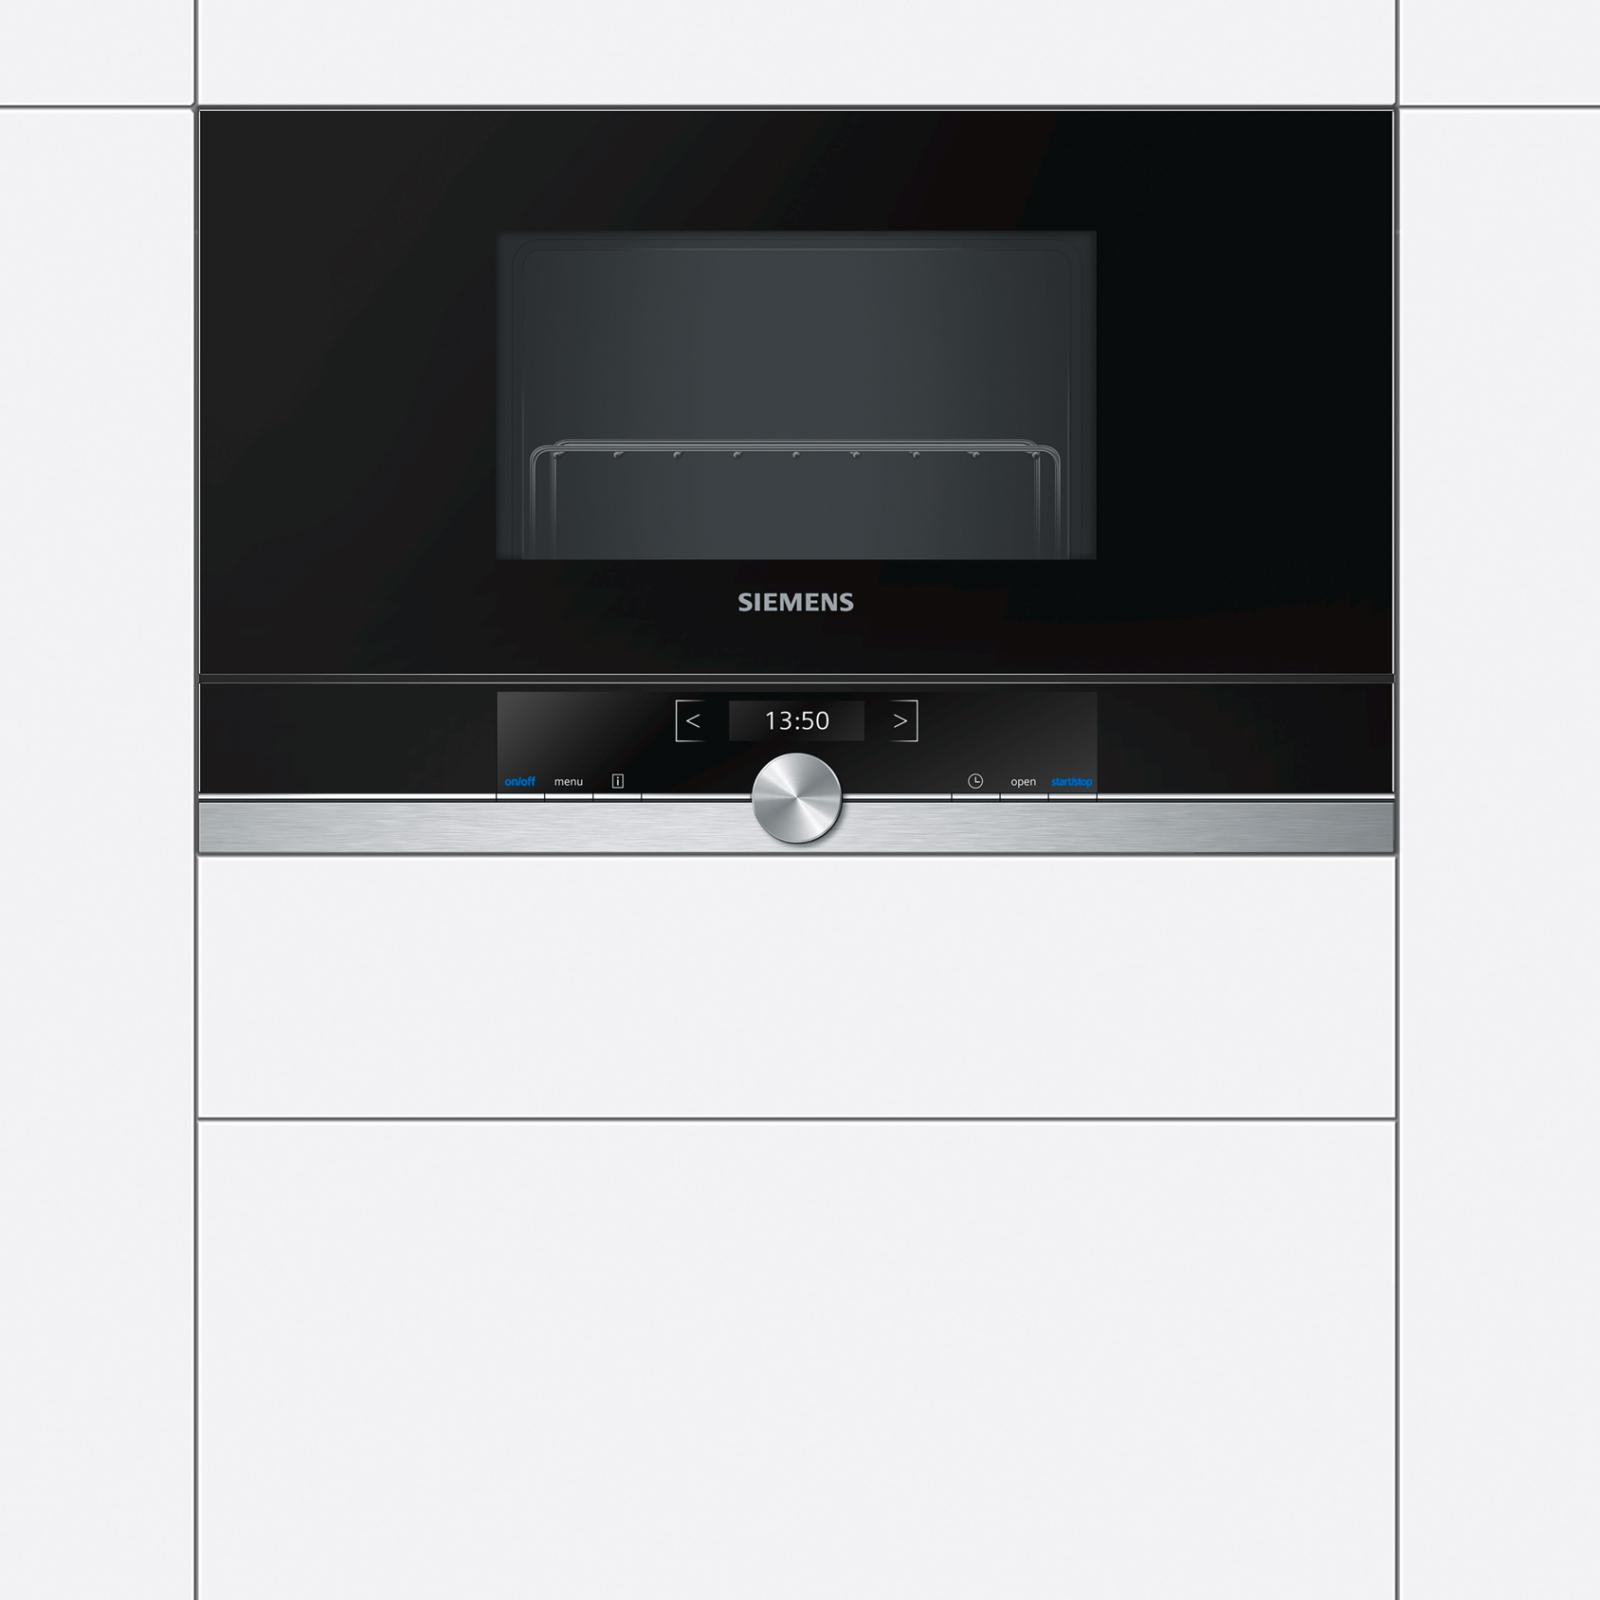 Микроволновая печь Siemens BE 634 LGS1 (BE634LGS1) изображение 3